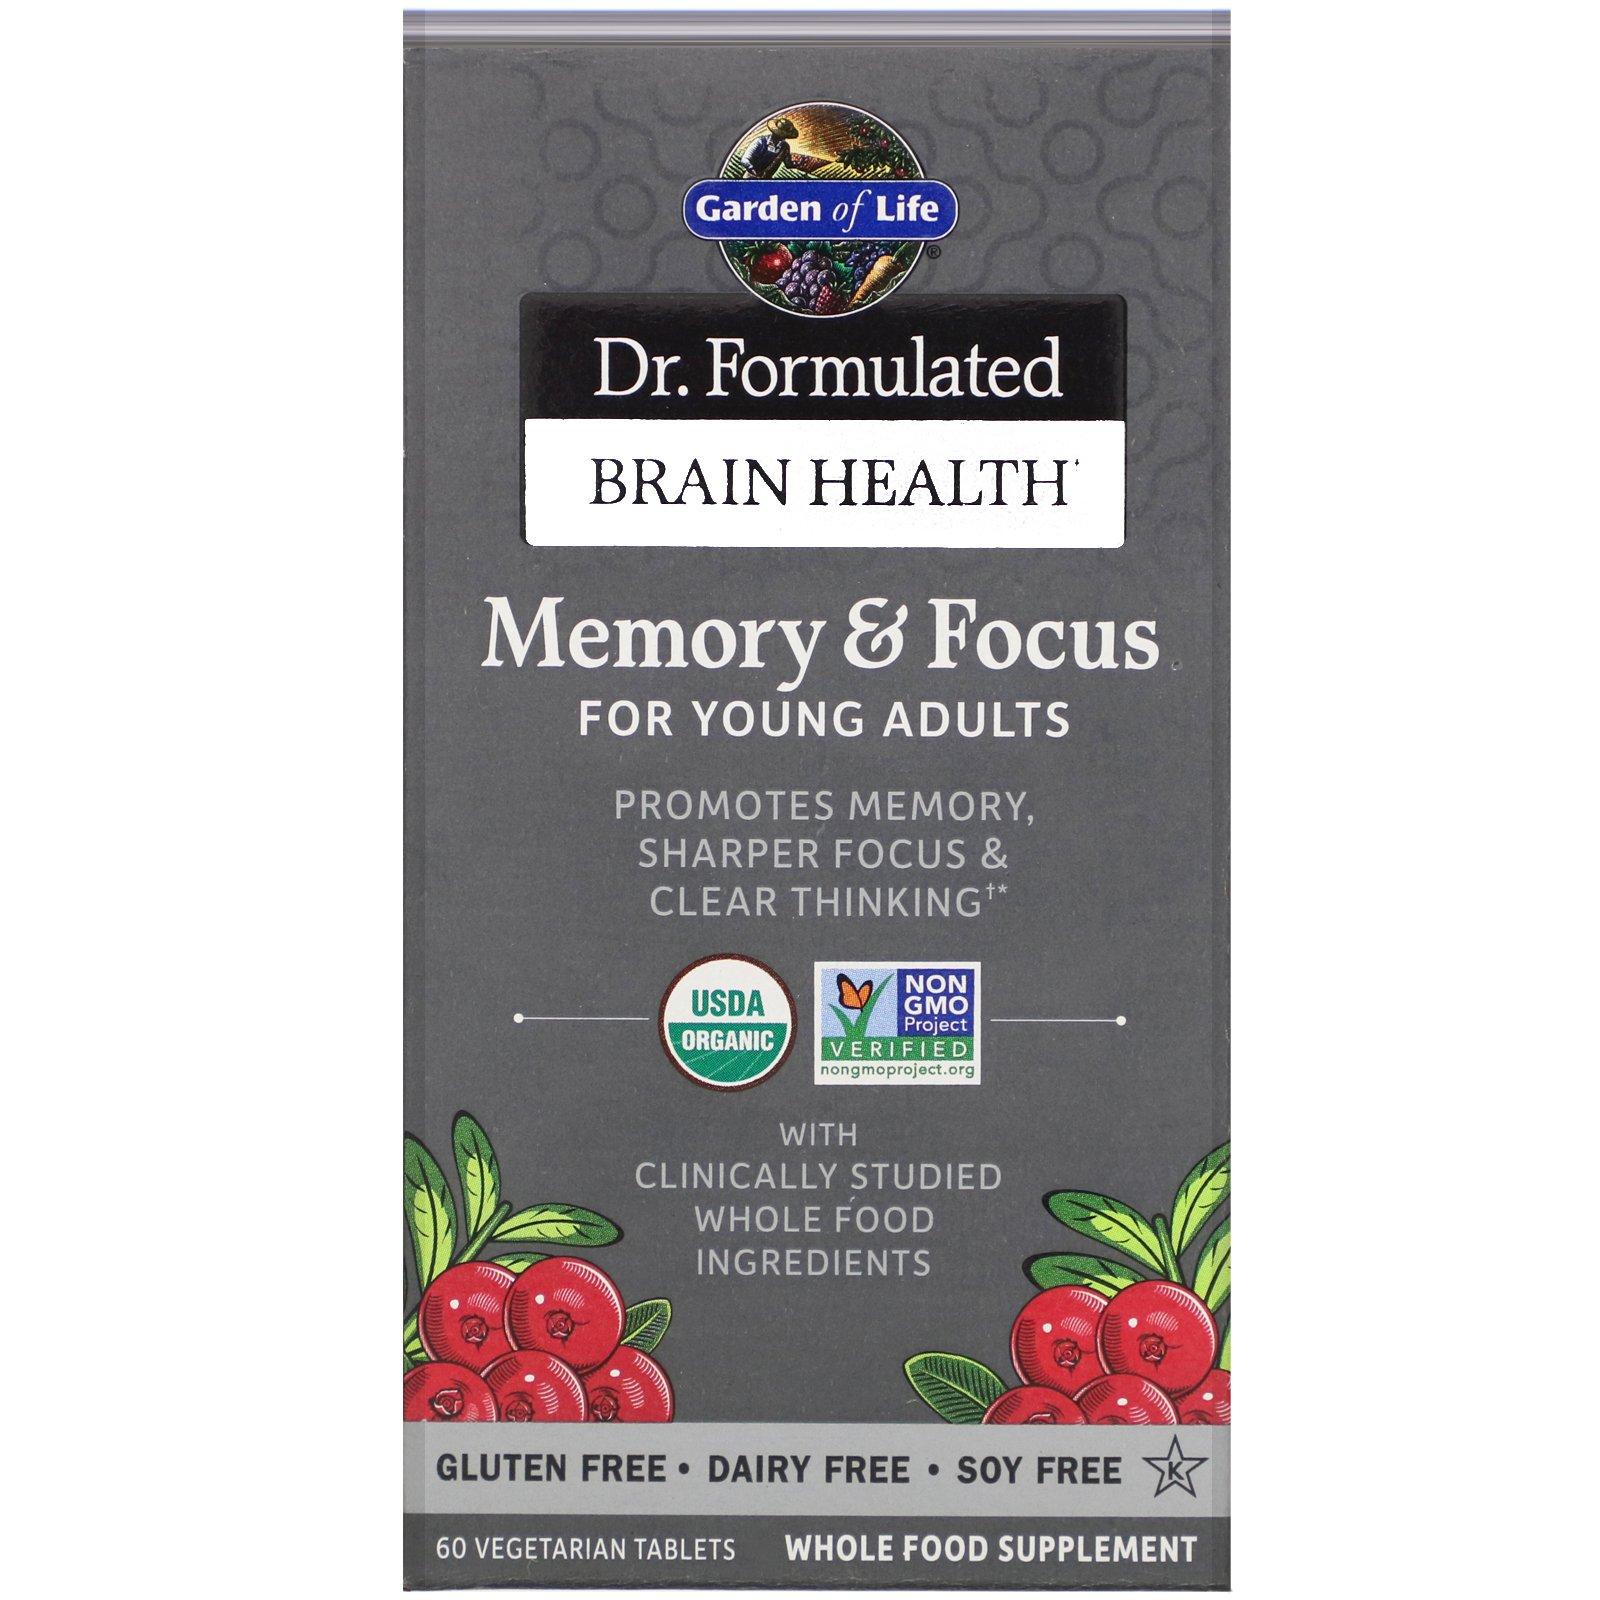 Garden of Life, Dr. Formulated для мозга, памяти и концентрации для молодежи, 60 вегетарианских таблеток